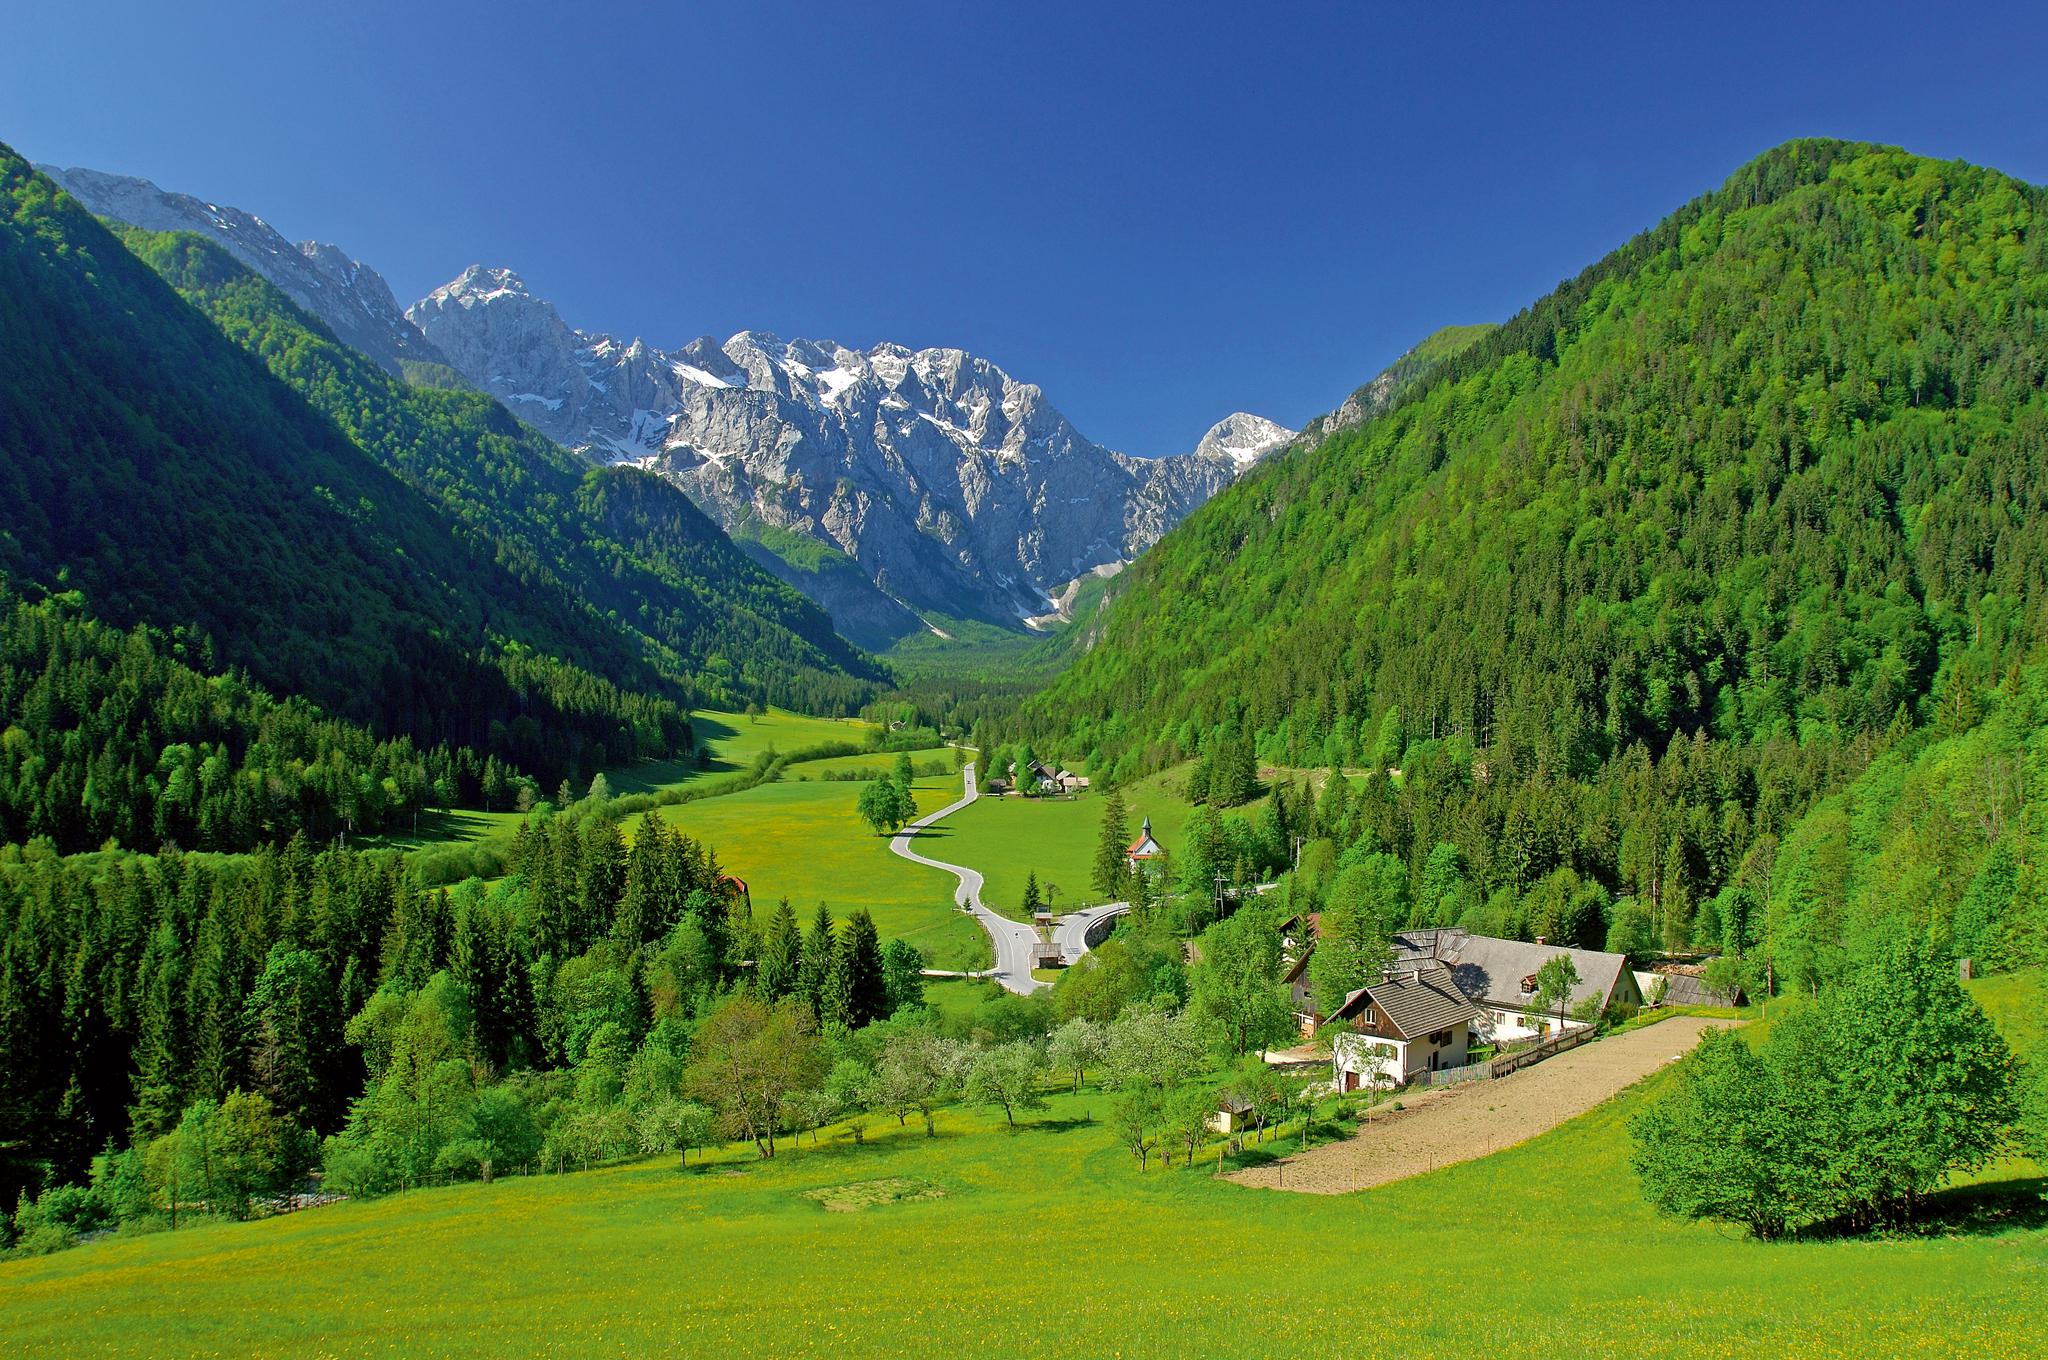 Das Logartal zählt zu den schönsten Landschaften Sloweniens und steht unter strengem Schutz. © Hotel Plesnik, Tomo Jesenicnik